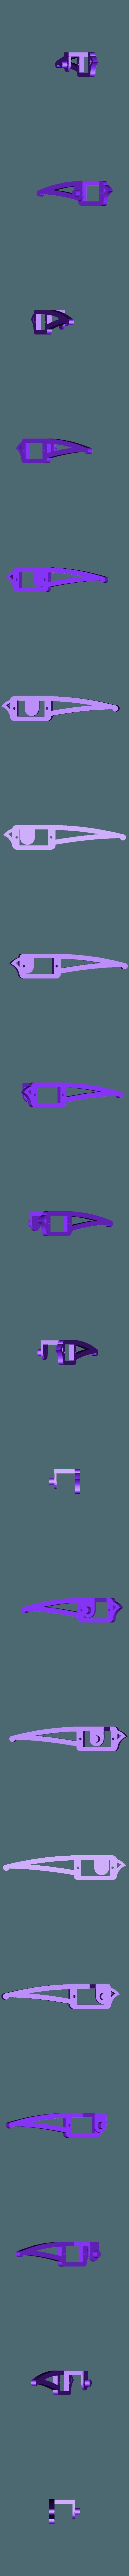 tibia_r_MG90.stl Télécharger fichier STL gratuit Robot Spider Bug (robot quadrupède, quadrupède)-MG90 • Design pour impression 3D, kasinatorhh